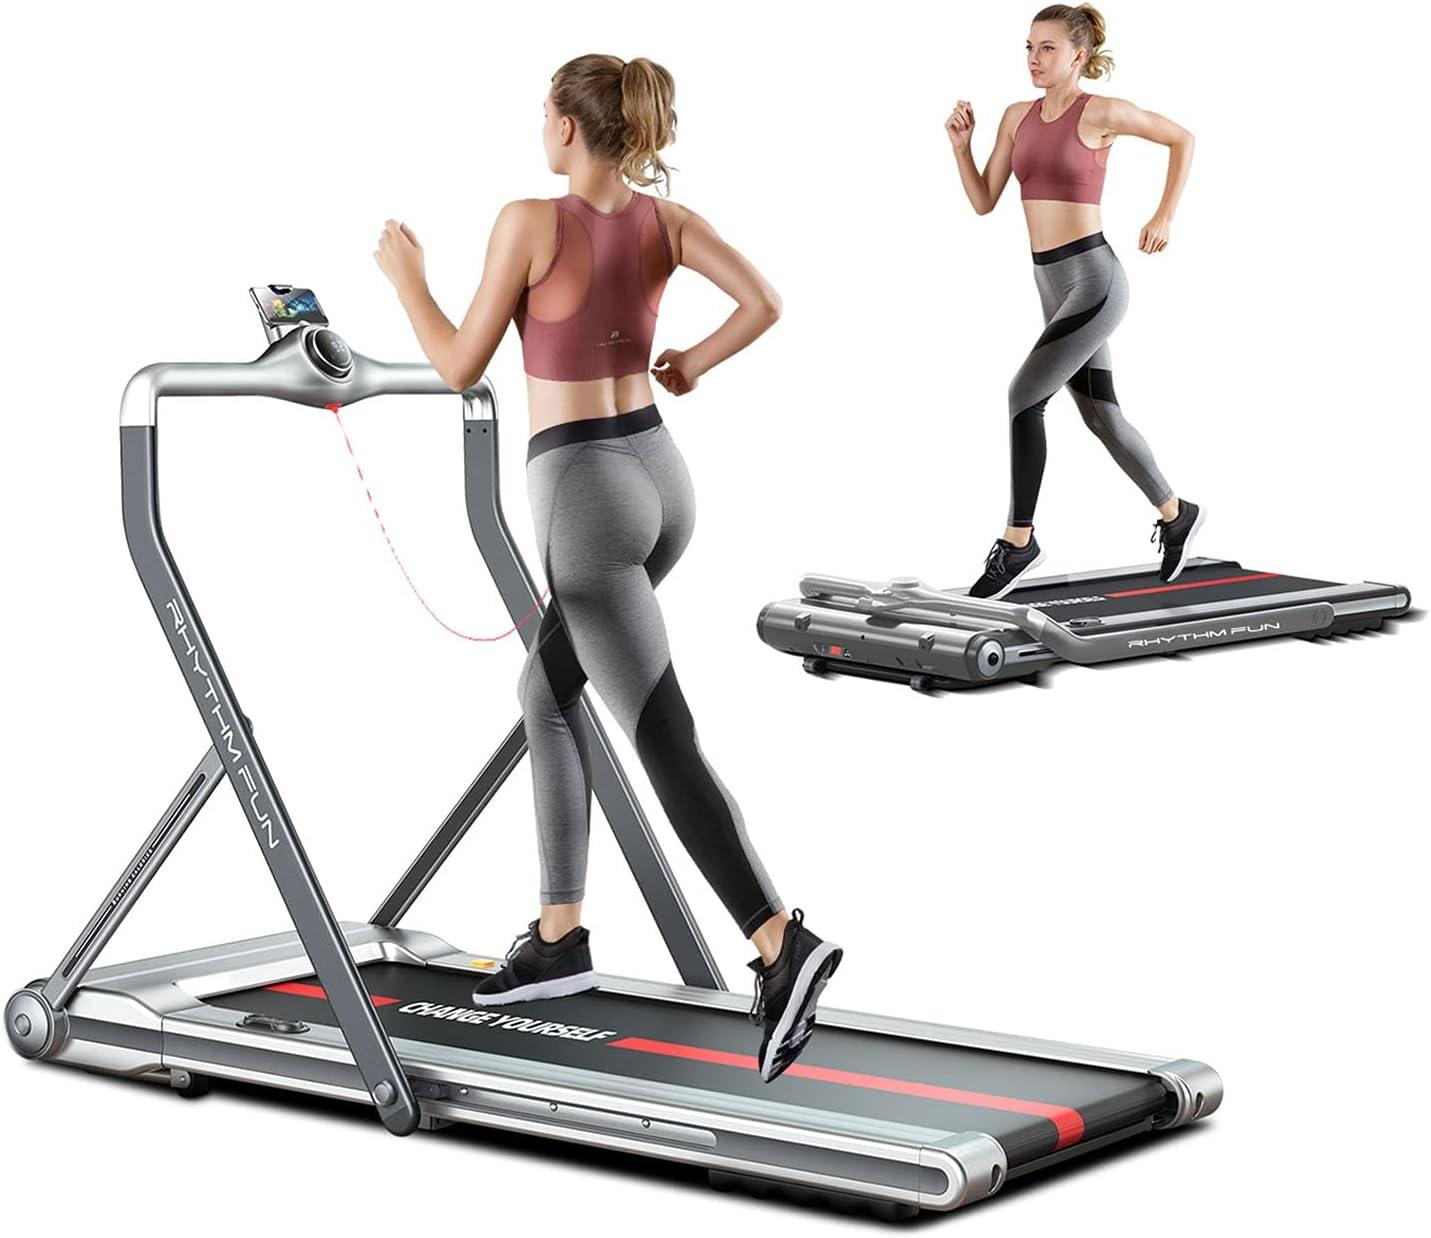 RHYTHM FUN Treadmill 2-in-1 Walking Desk Under Tulsa Mall Folding Excellence